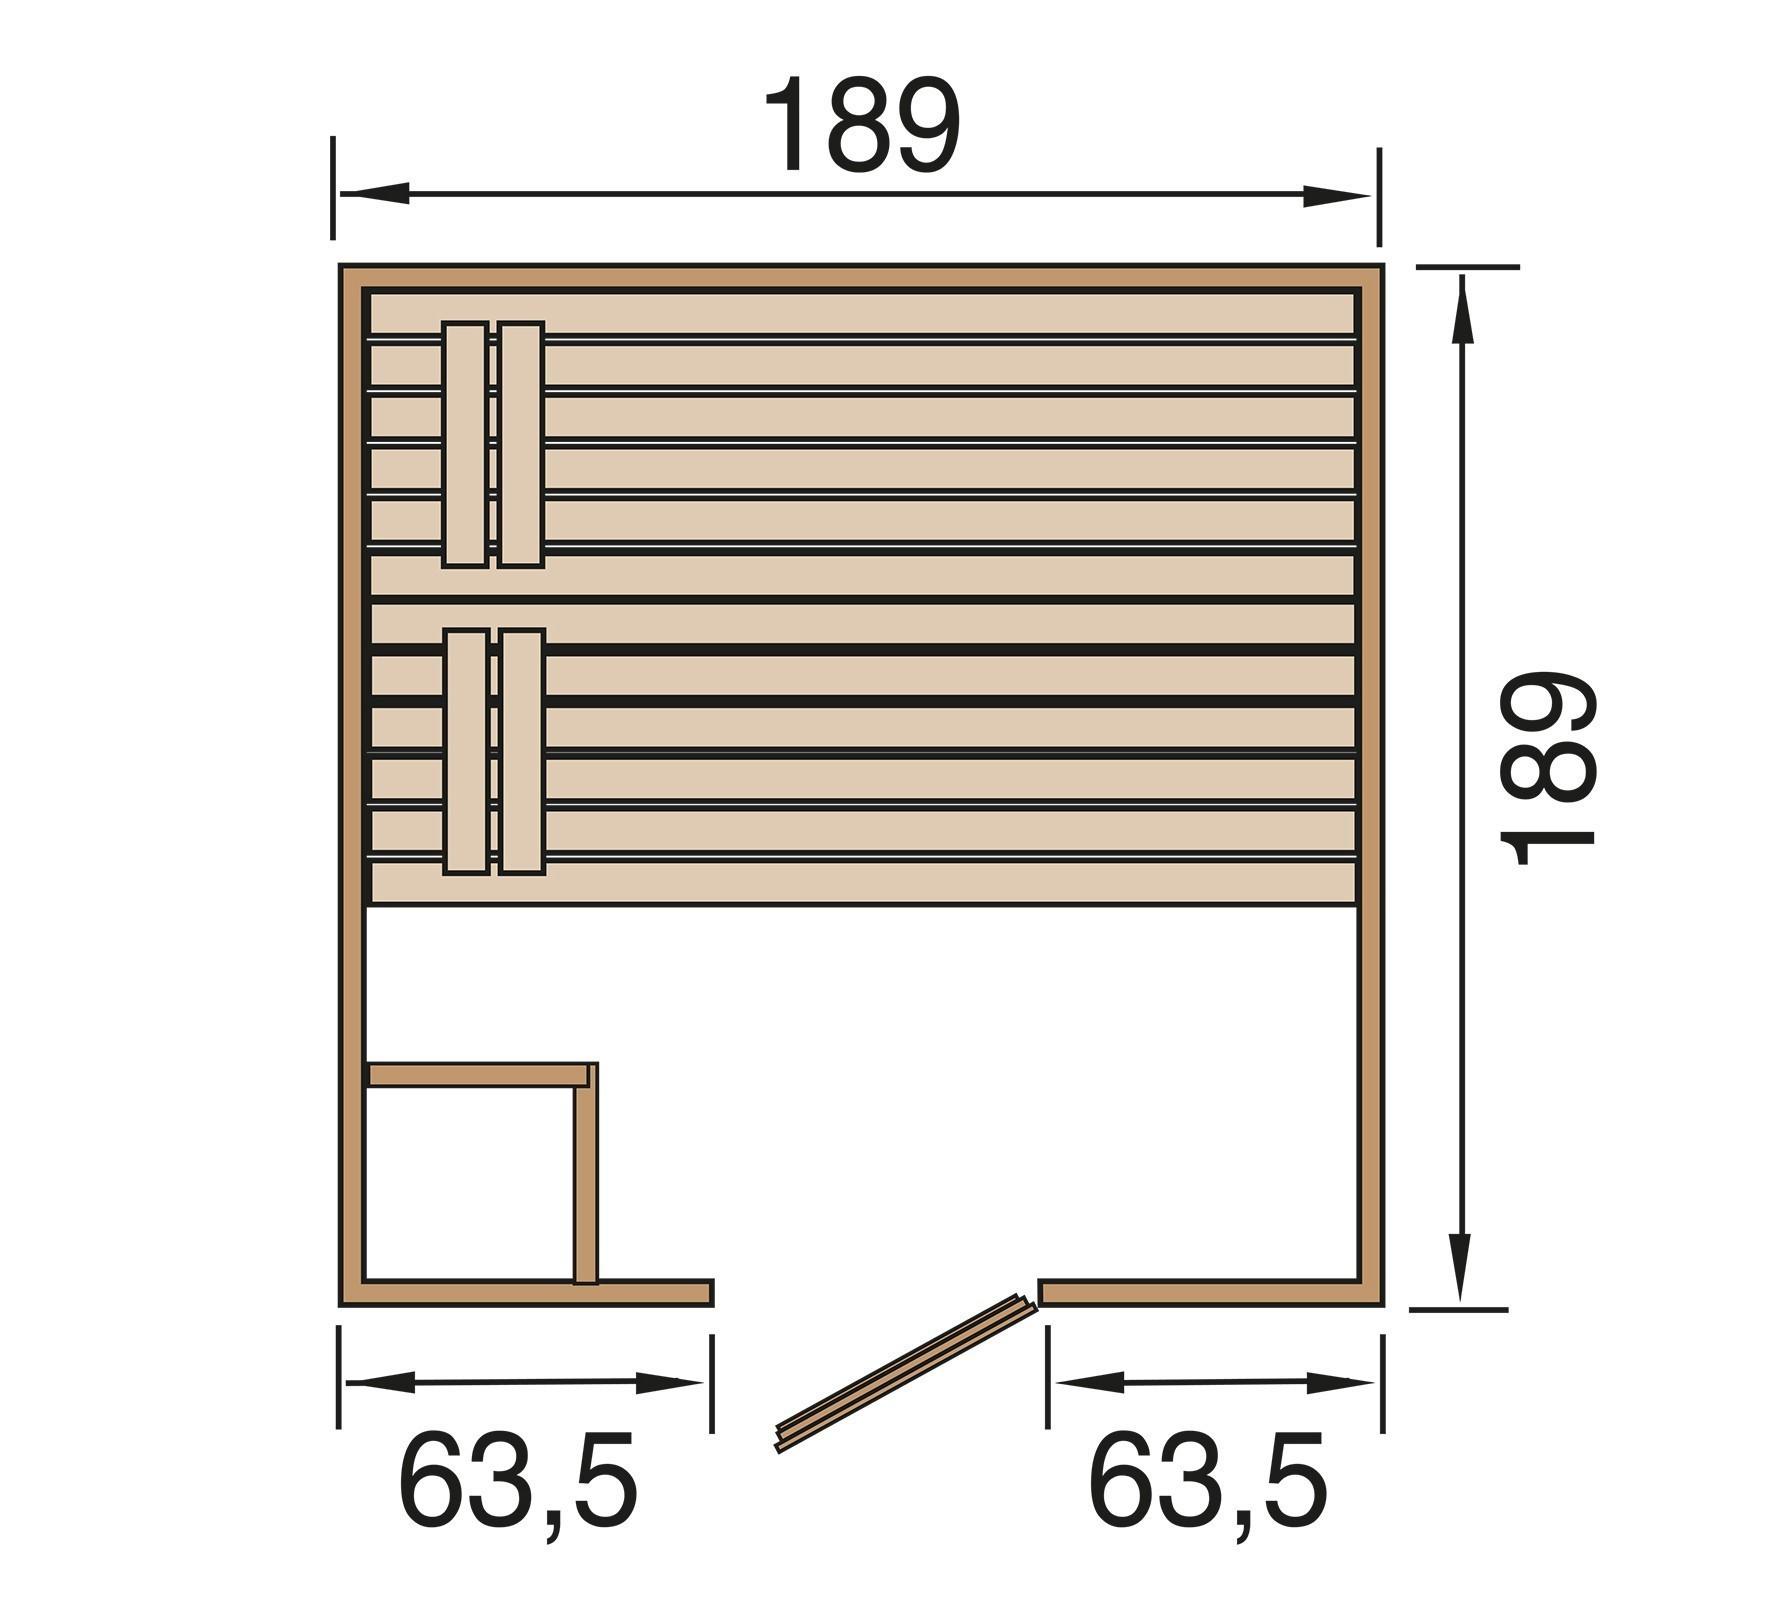 Weka Sauna Valida 3 38mm ohne Saunaofen mit Glastür Bild 2